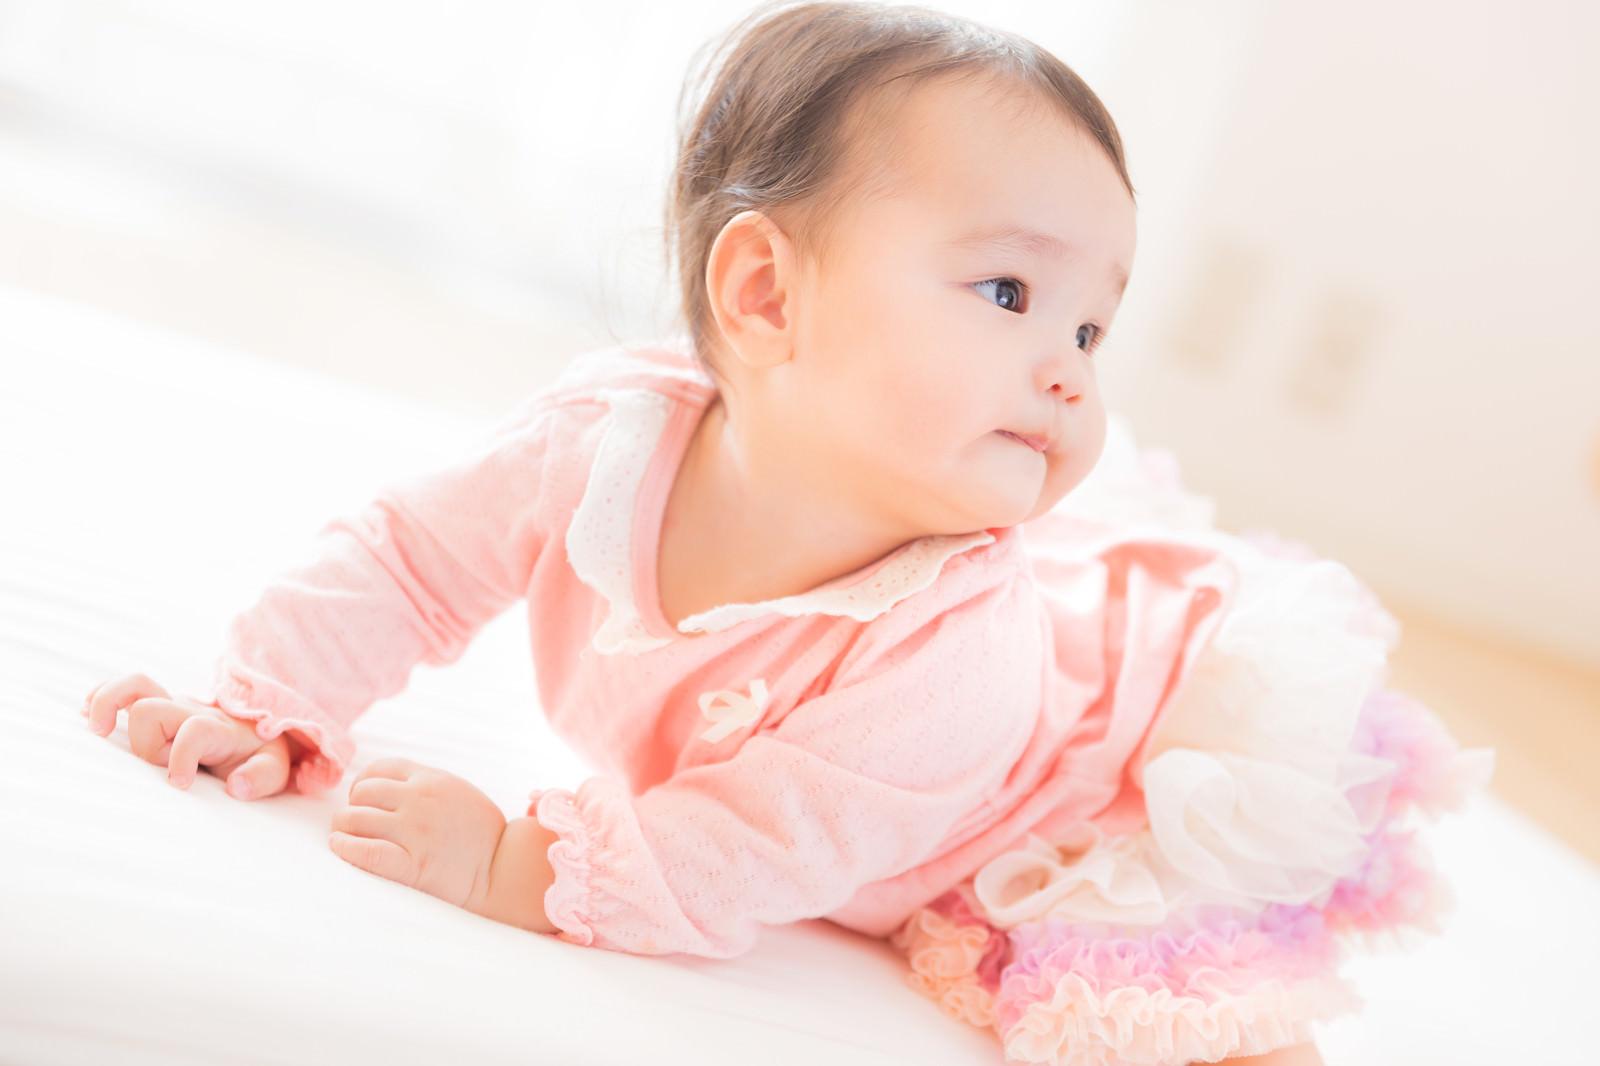 「にんまり赤ちゃん」[モデル:めぐな]